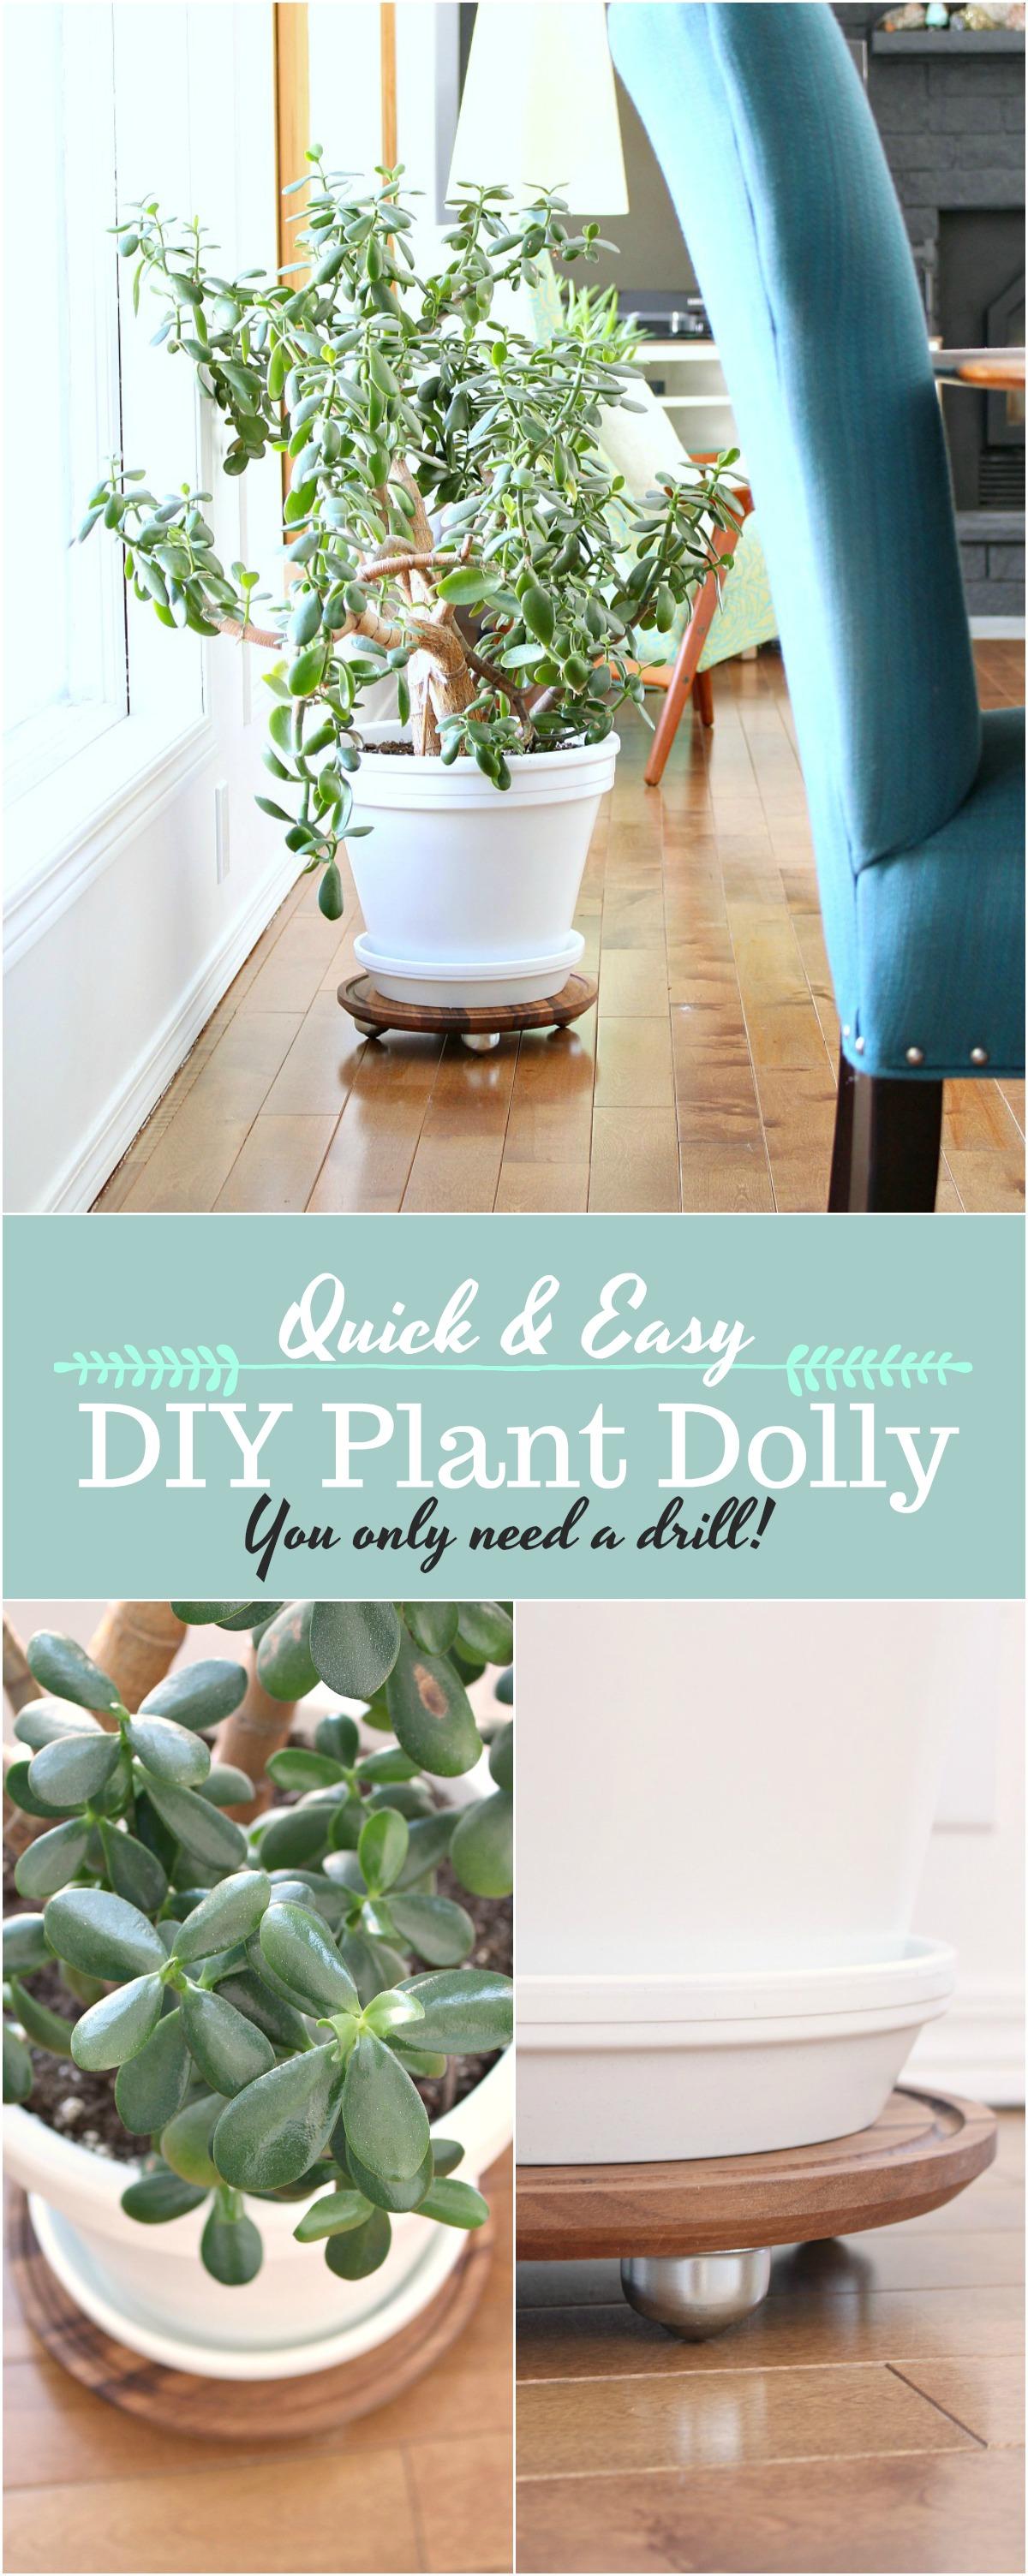 DIY plant dolly tutorial